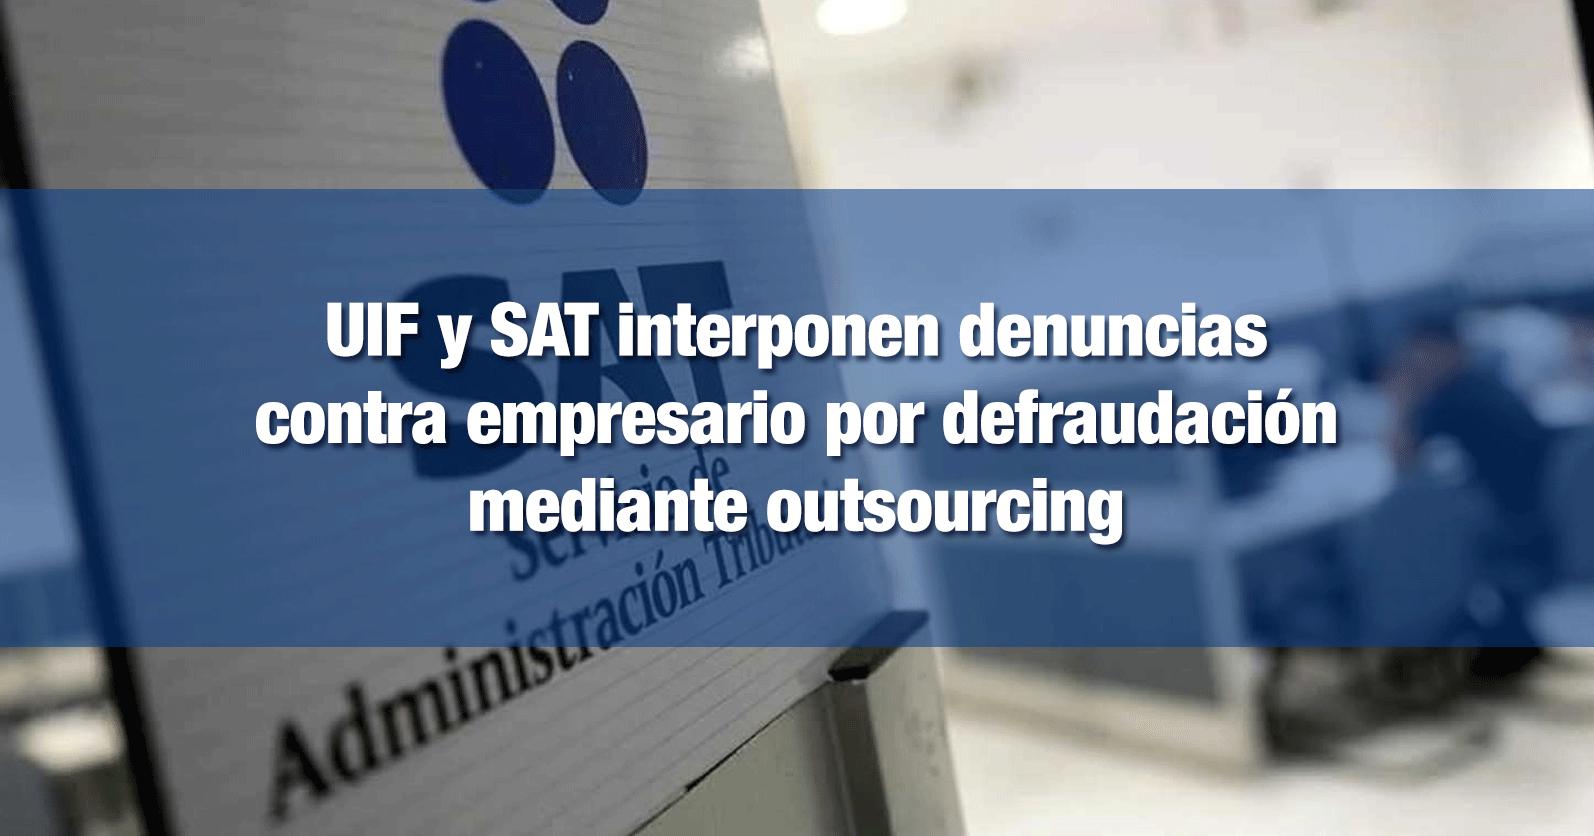 UIF y SAT interponen denuncias contra empresario por defraudación mediante outsourcing